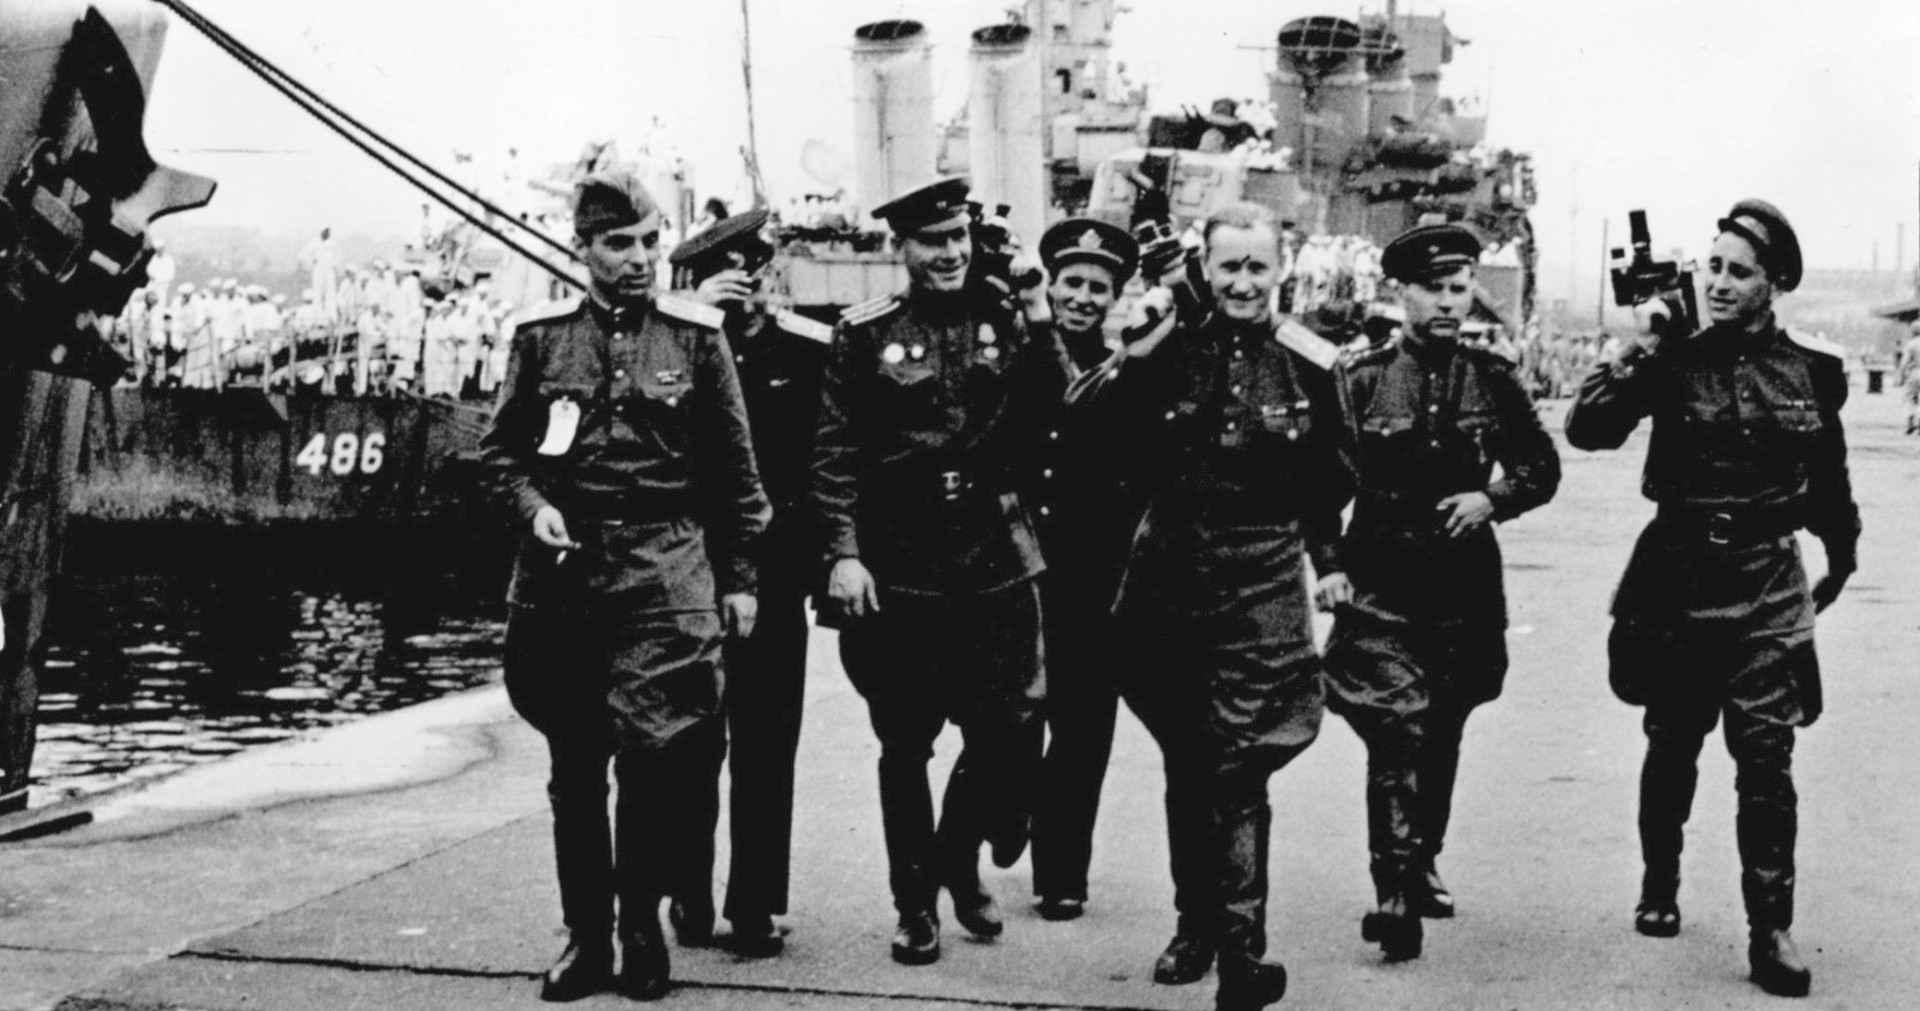 Экспонат #2. Съемочная группа после подписания акта о капитуляции Японии. 2 сентября 1945 года